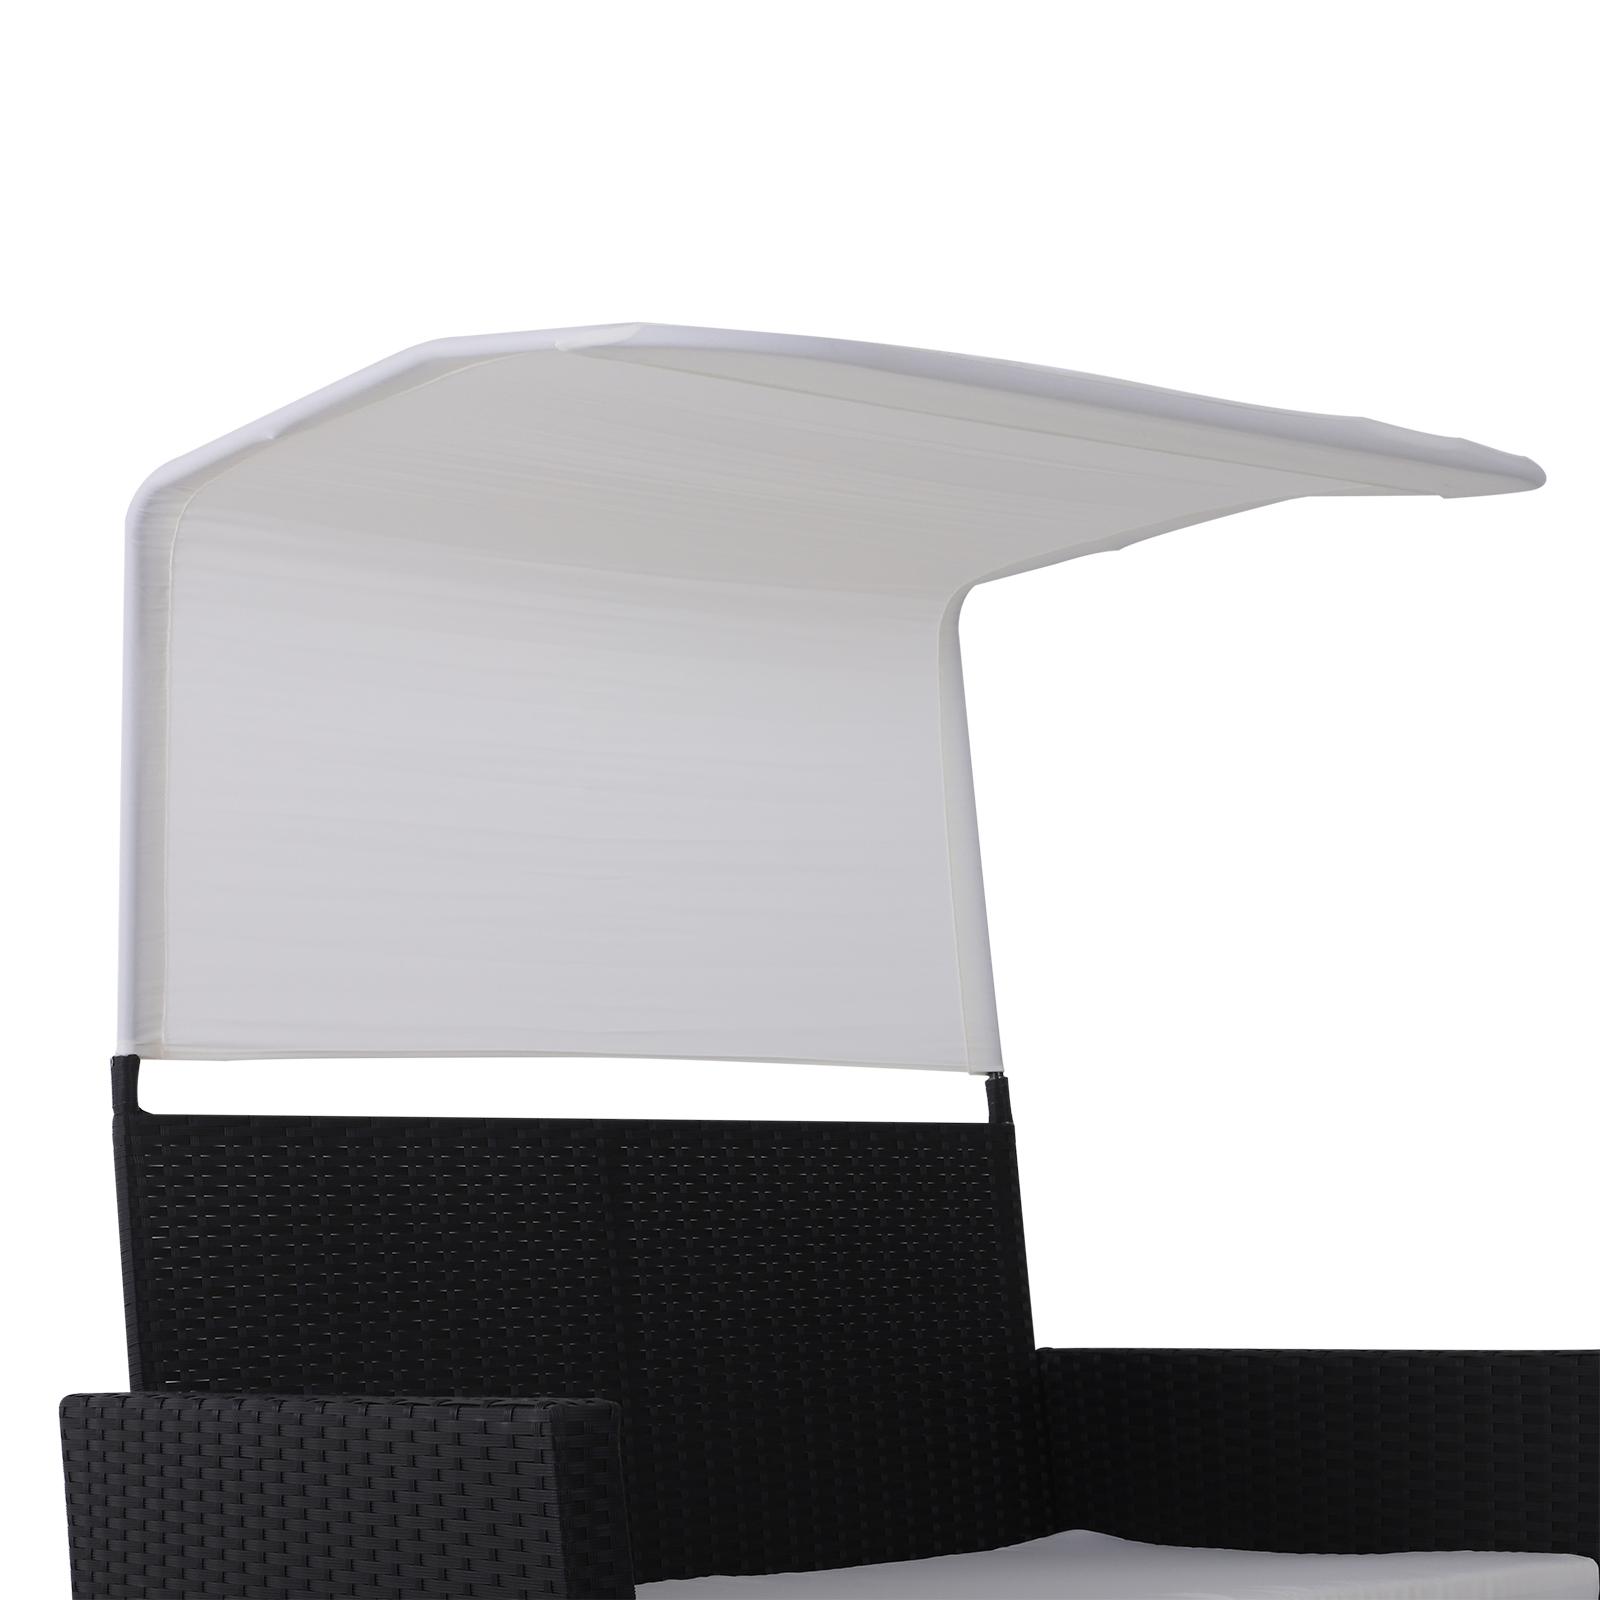 Sofa-de-Ratan-Dos-Plazas-Sillon-Mueble-Jardin-Terraza-con-Reposapies-Toldo-Cojin miniatura 16